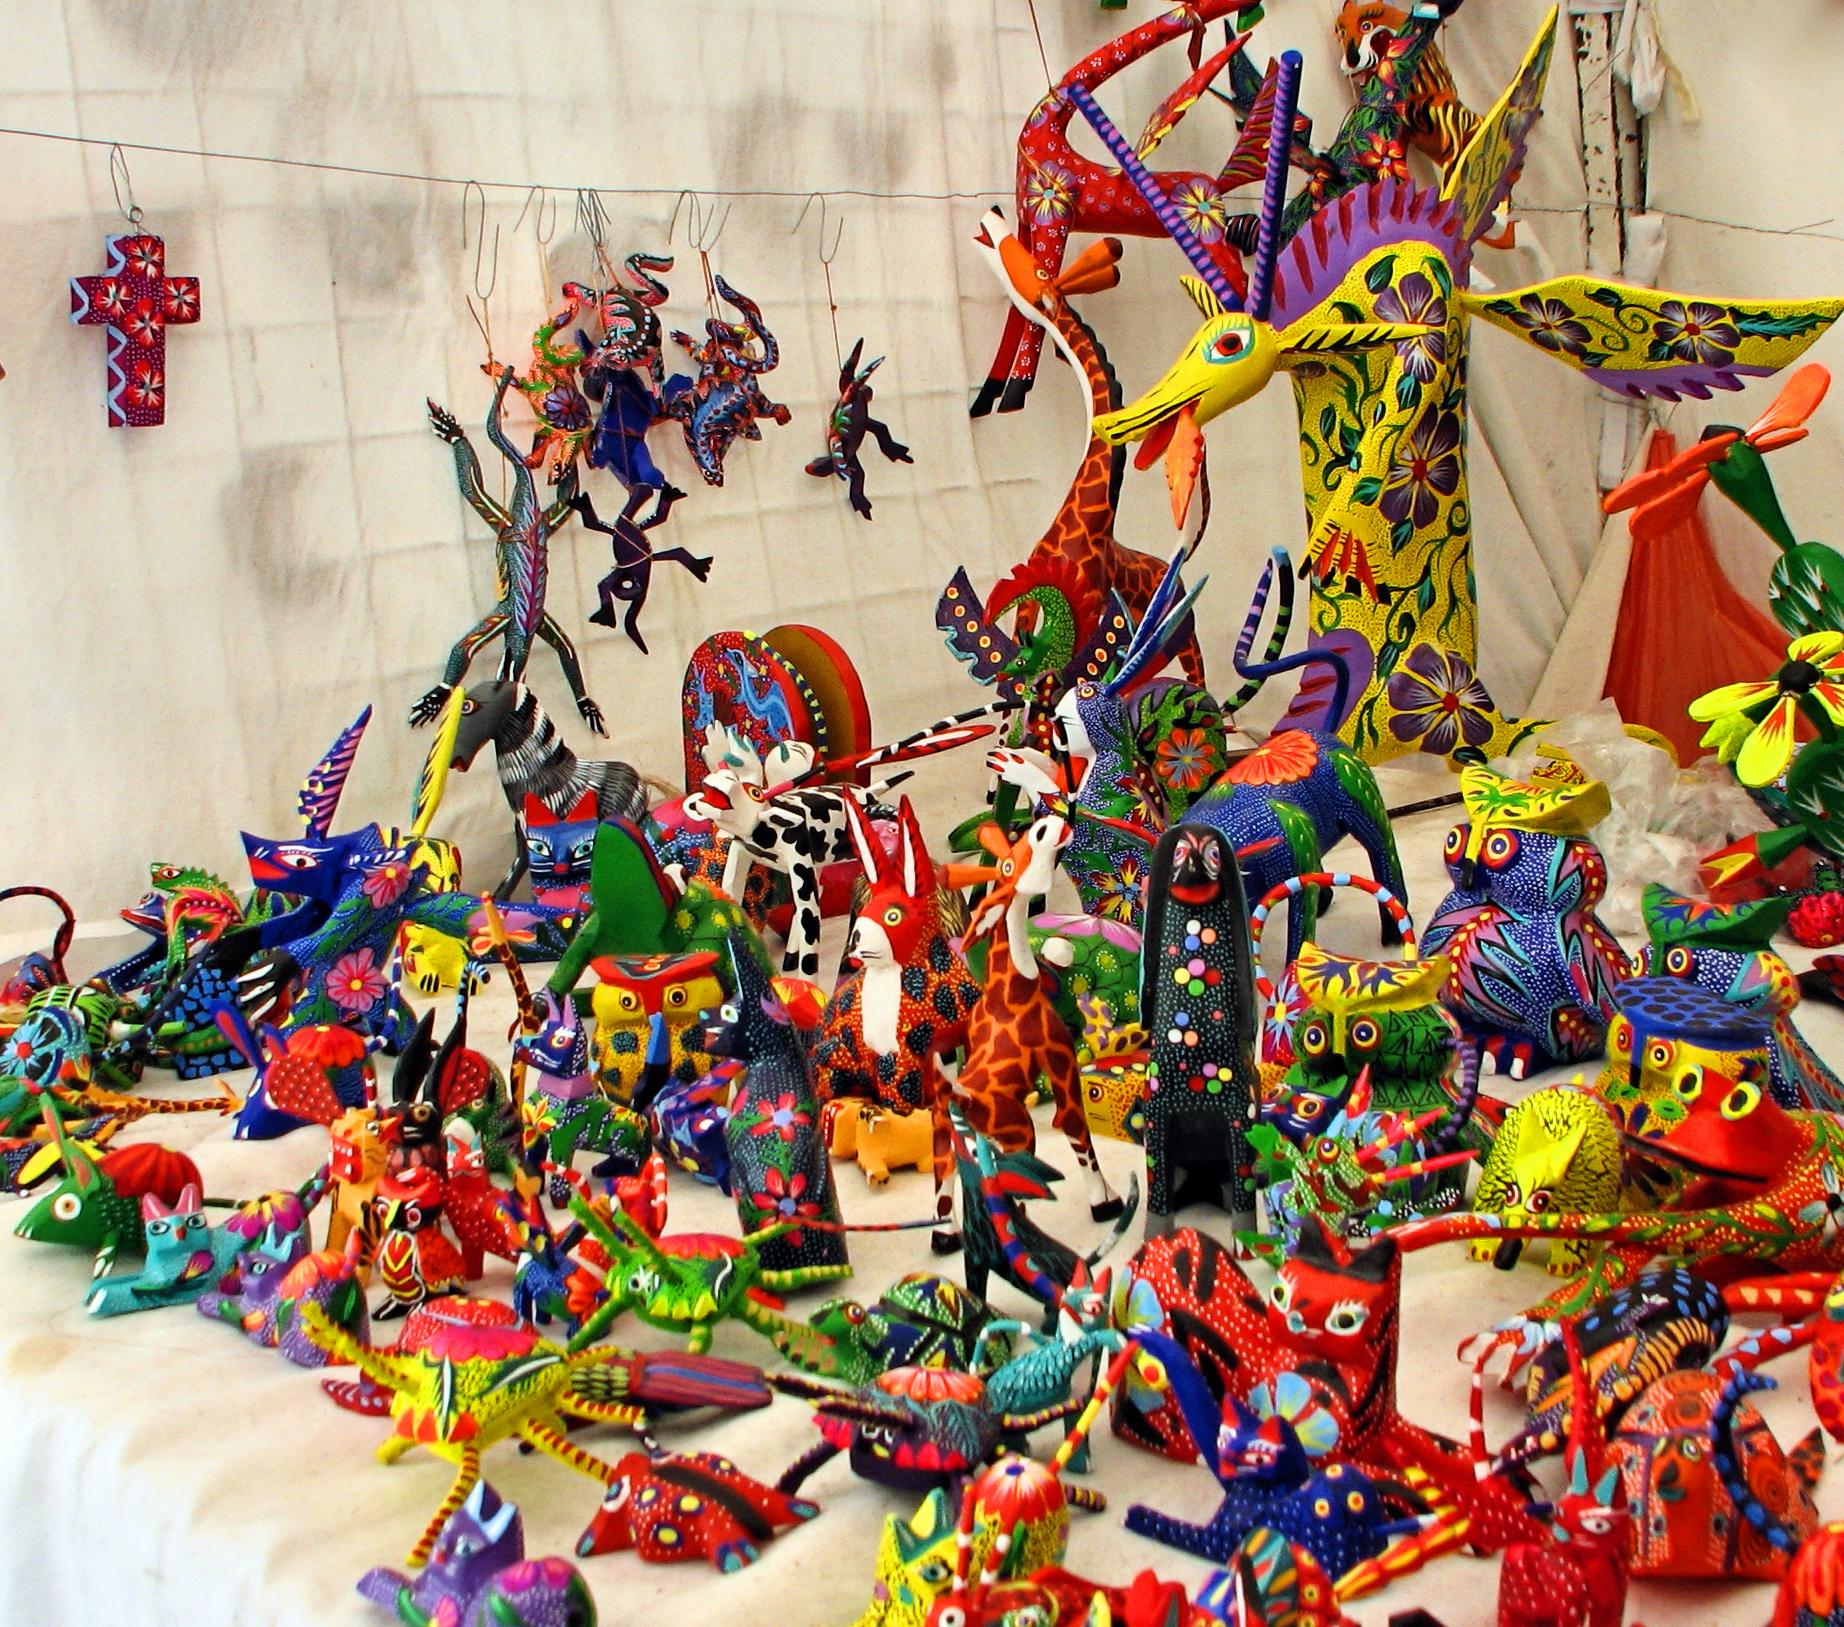 Alebrije wikipedia for Oaxaca mexico arts and crafts